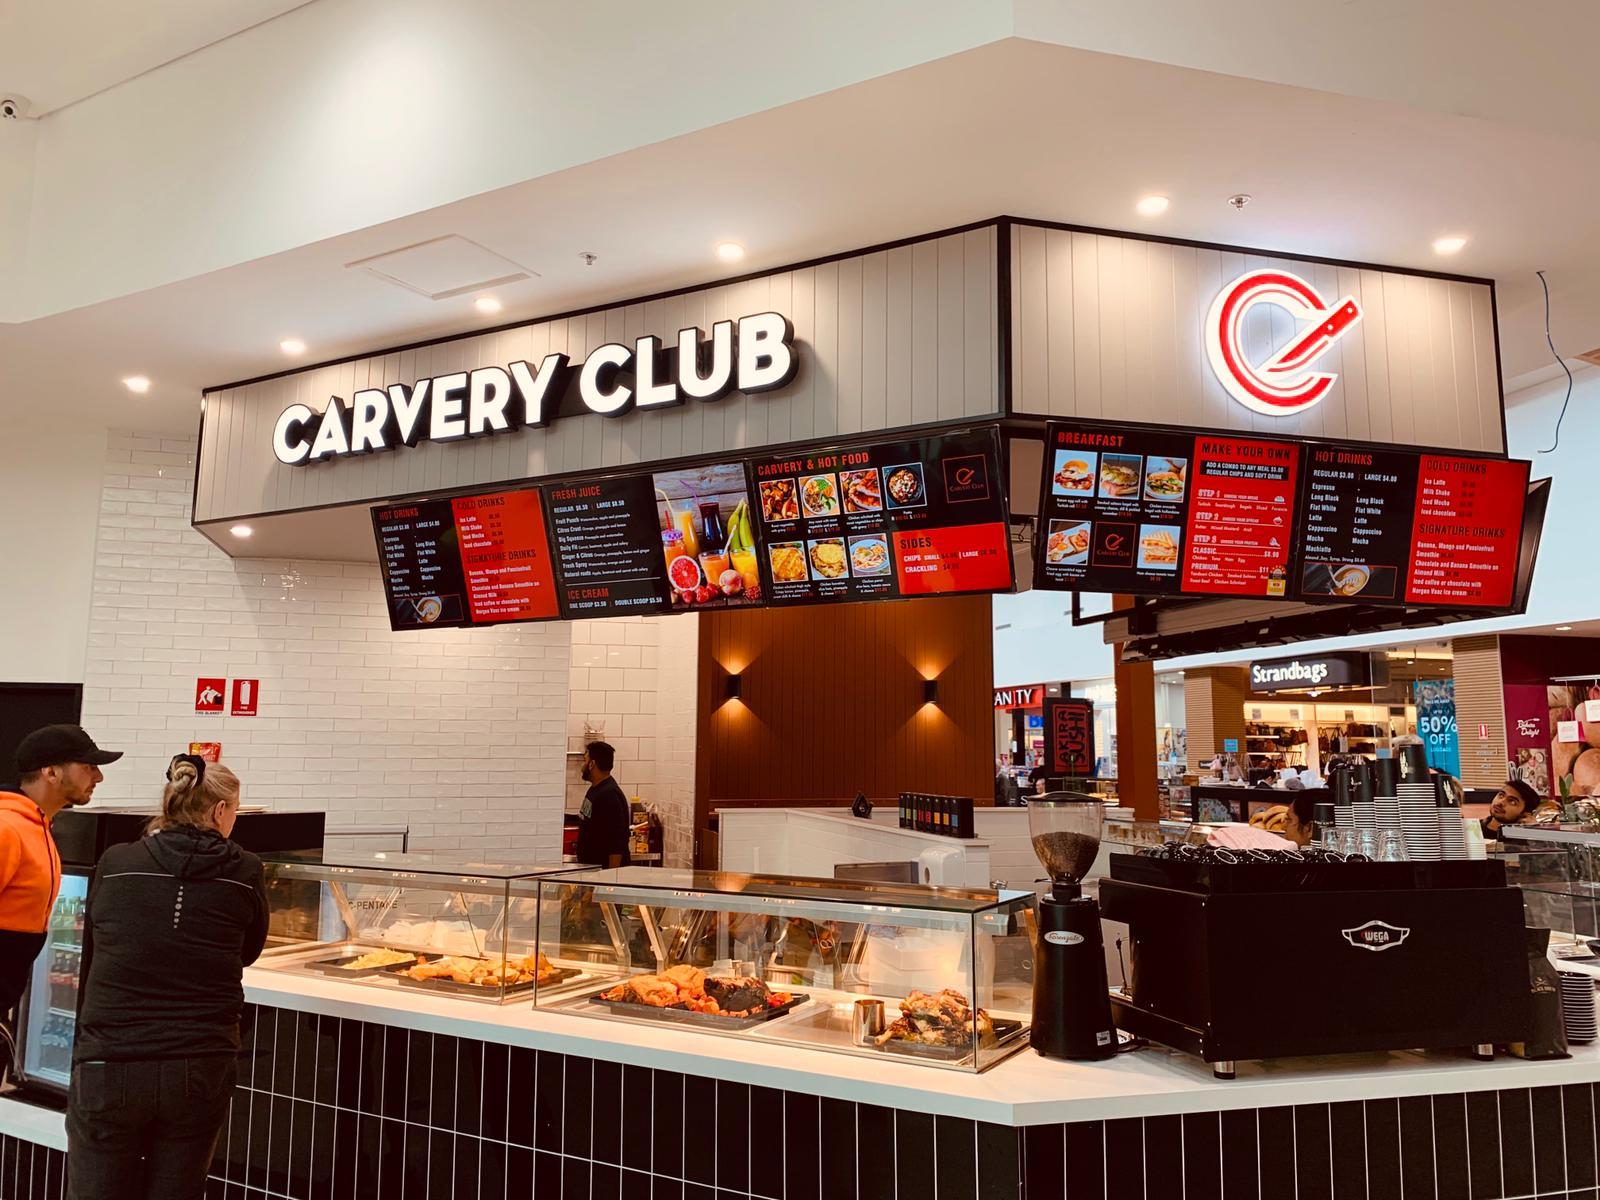 Carvery Club